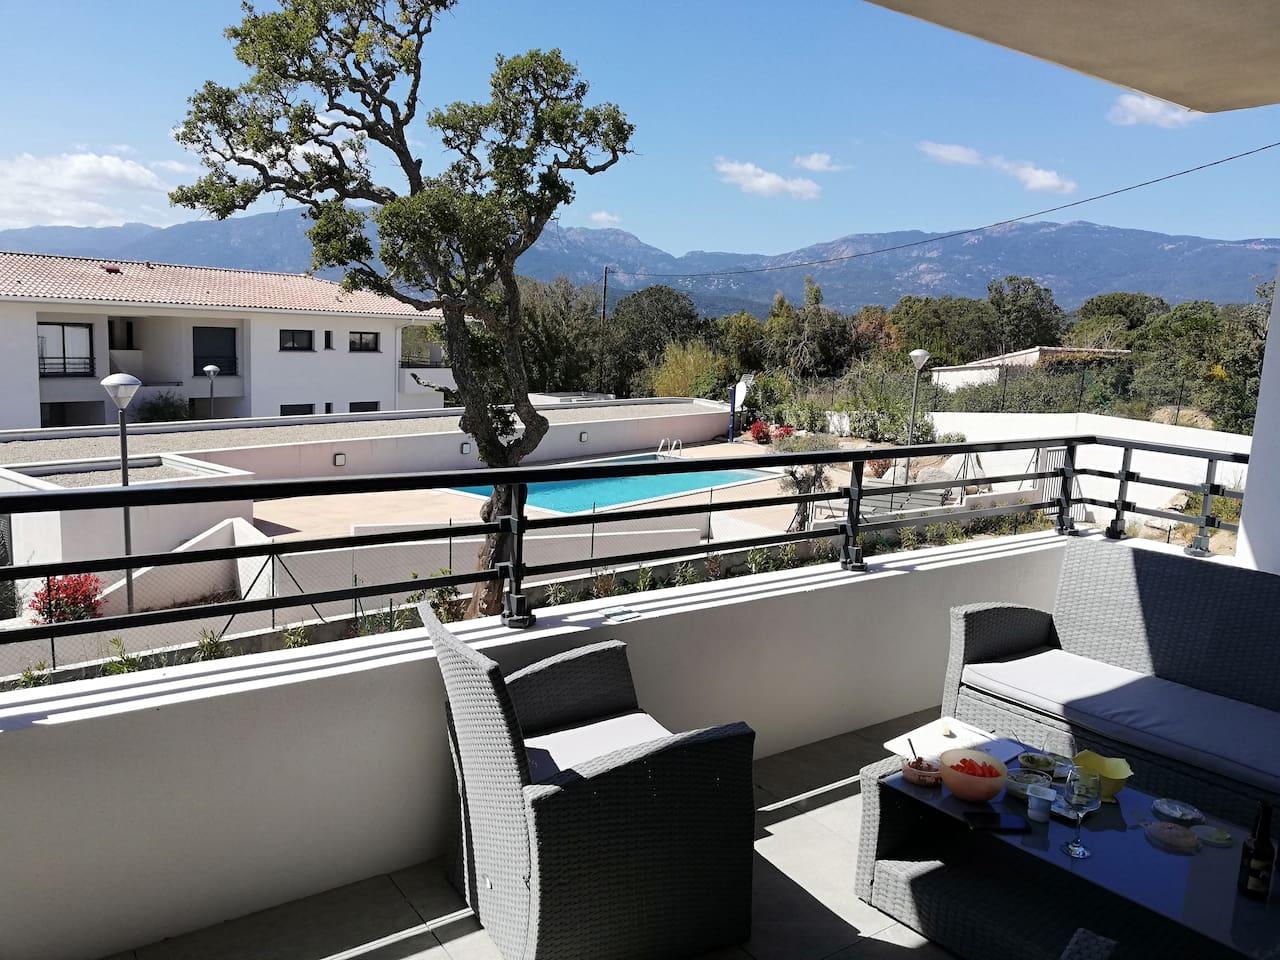 profitez de notre grande terrasse, tout équipée, pour vous relaxer, manger ou prendre l'apéritif  en ayant une vue sur la piscine de la résidence